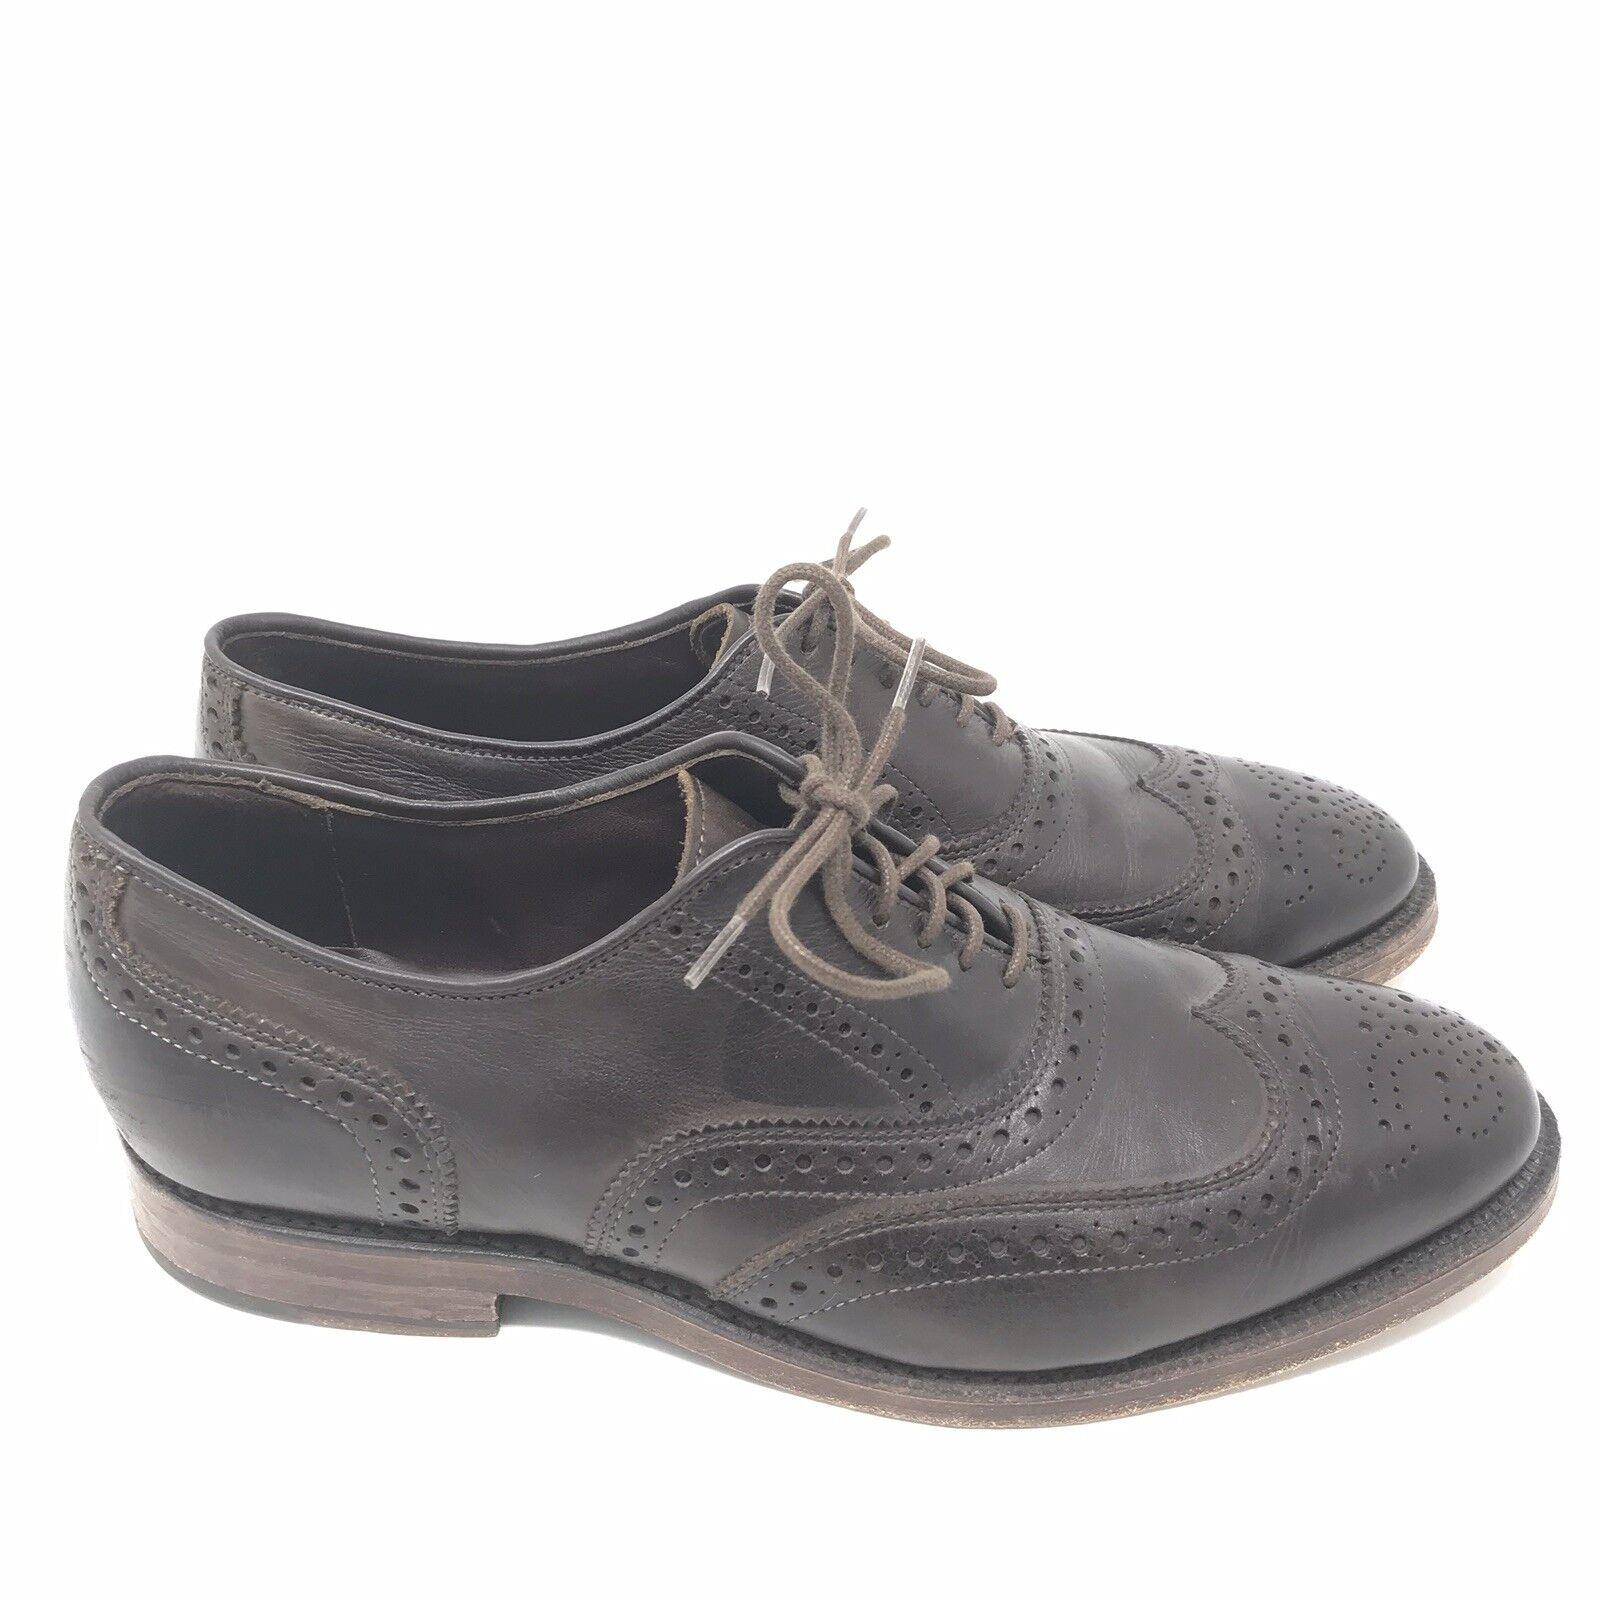 più economico Allen Edmonds scarpe Dimensione 9 Uomo The Jefferson Jefferson Jefferson Oxfords Marrone Wingtip Leather  clienti prima reputazione prima